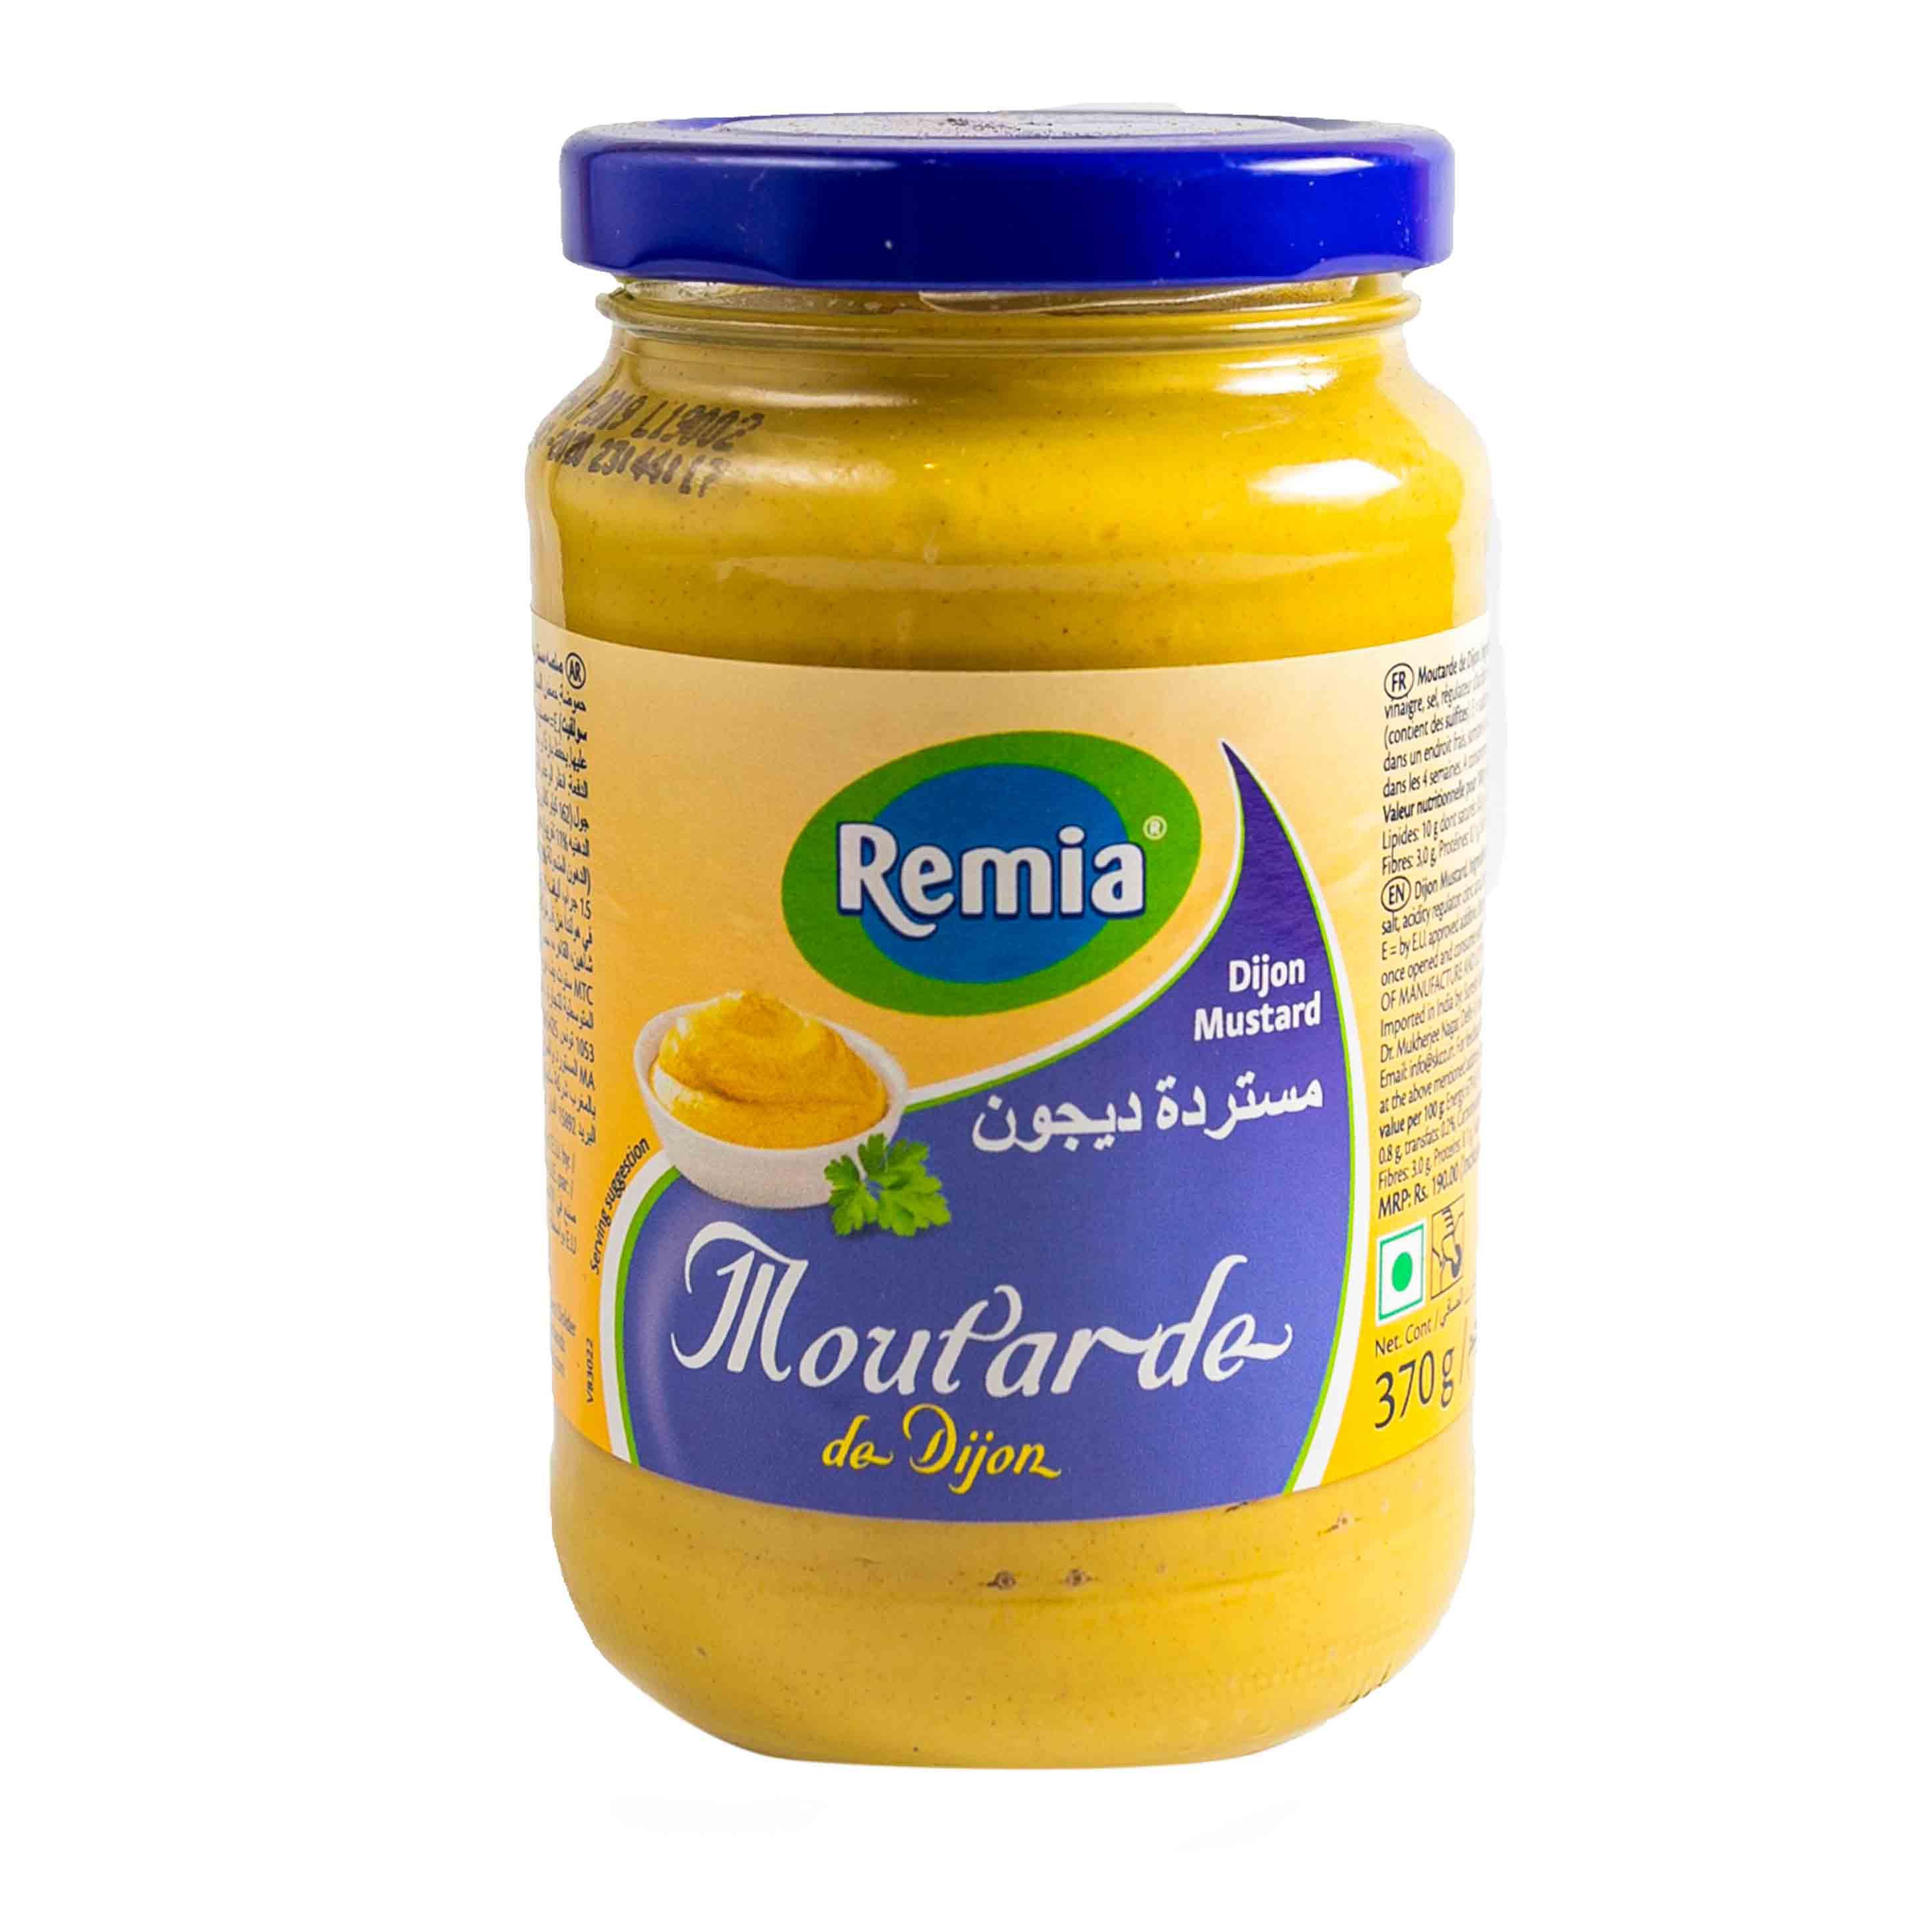 Xardal Dijon Mustard